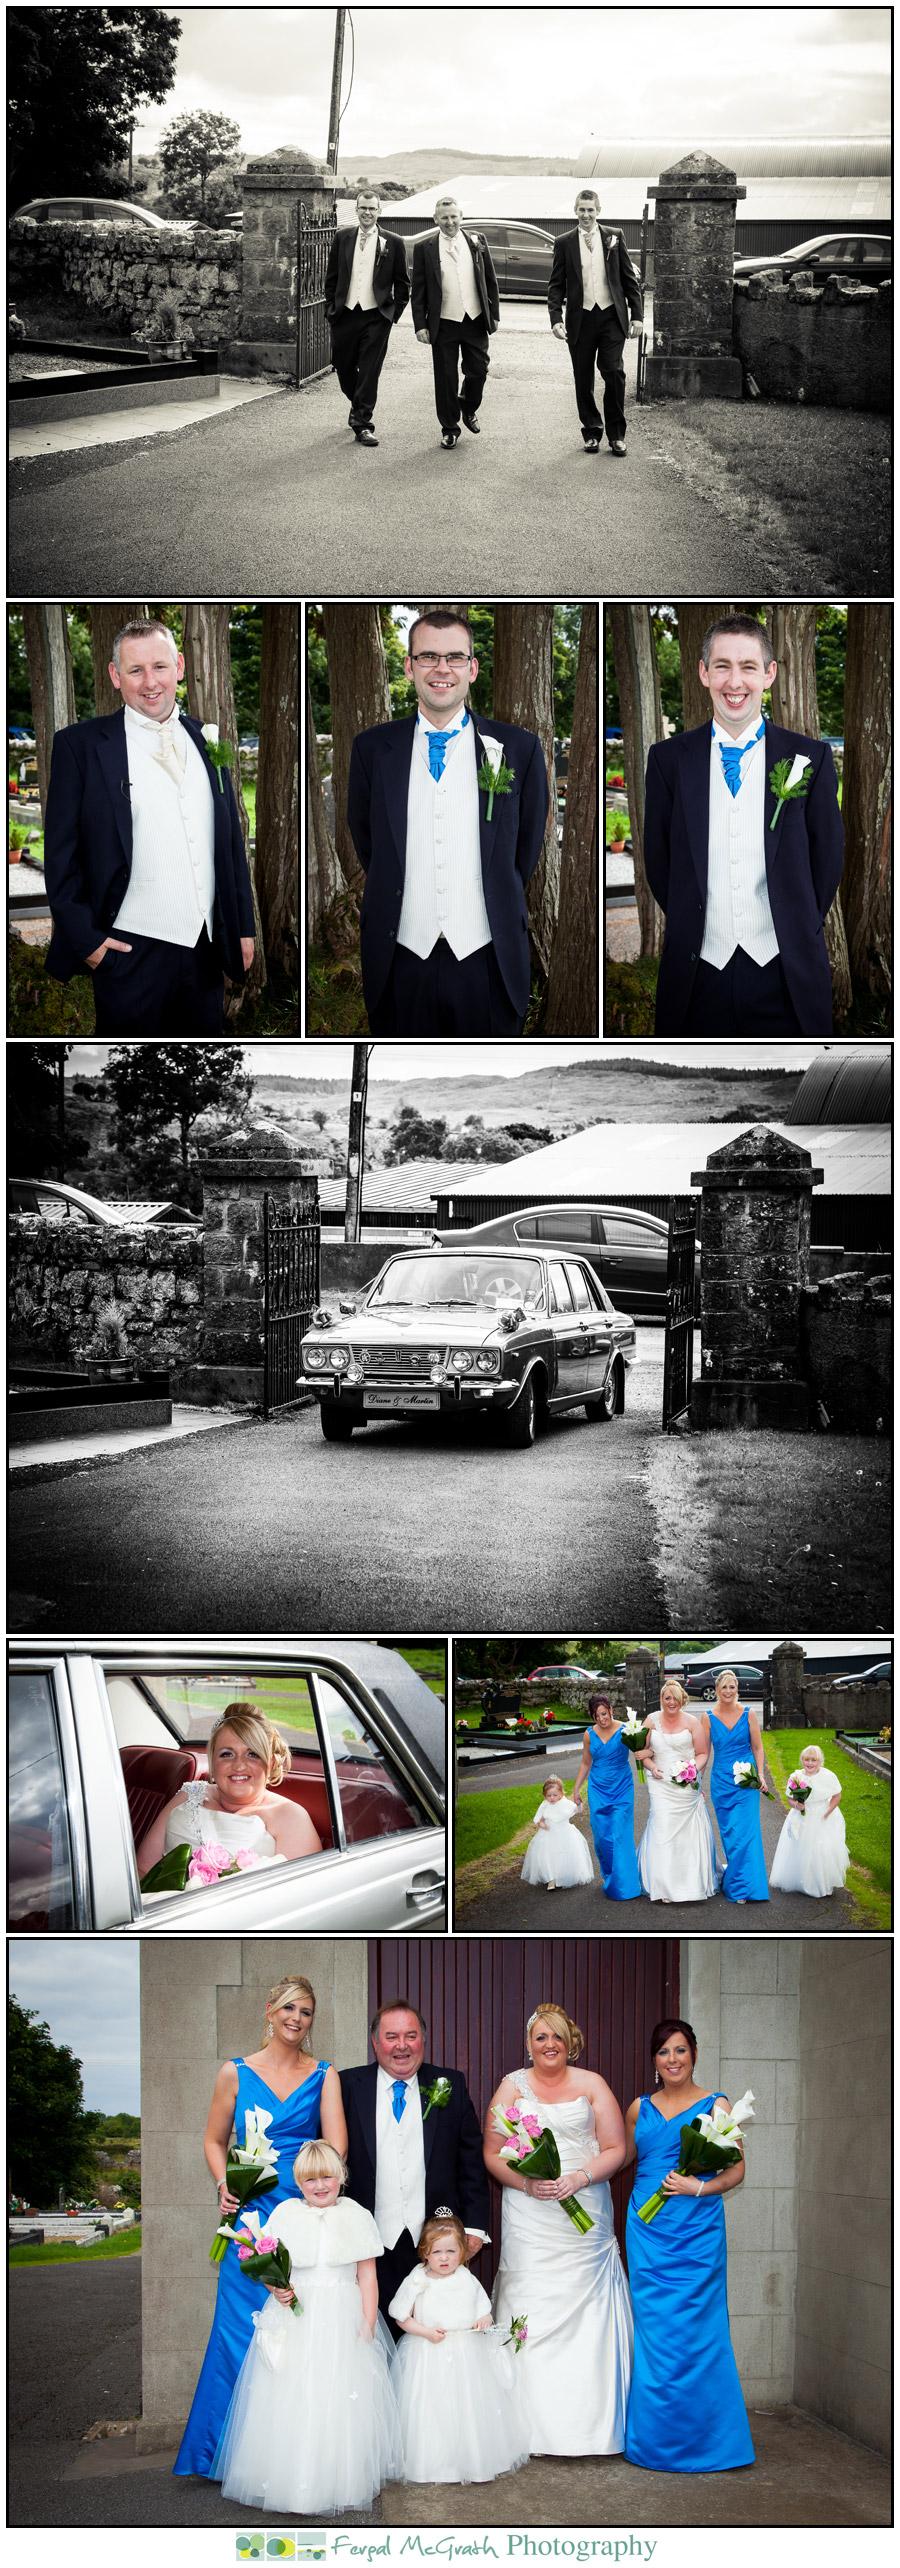 Diane and Martin Gavigan wedding photos 2